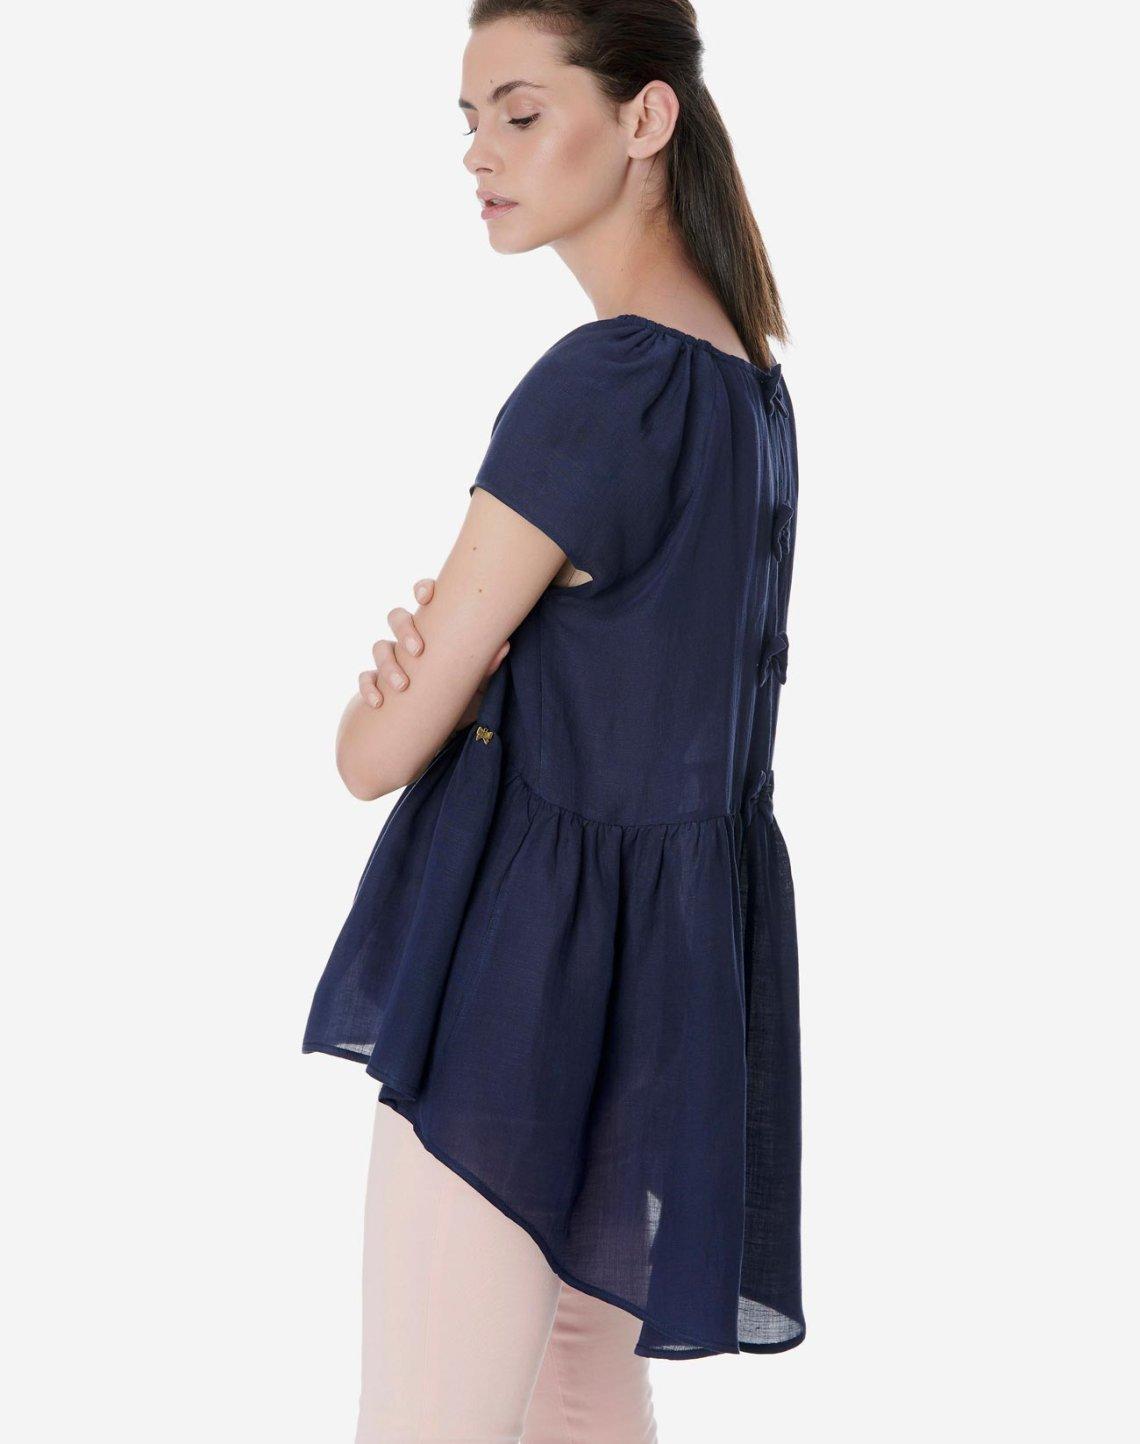 Ασύμμετρη μπλούζα με φιόγκους